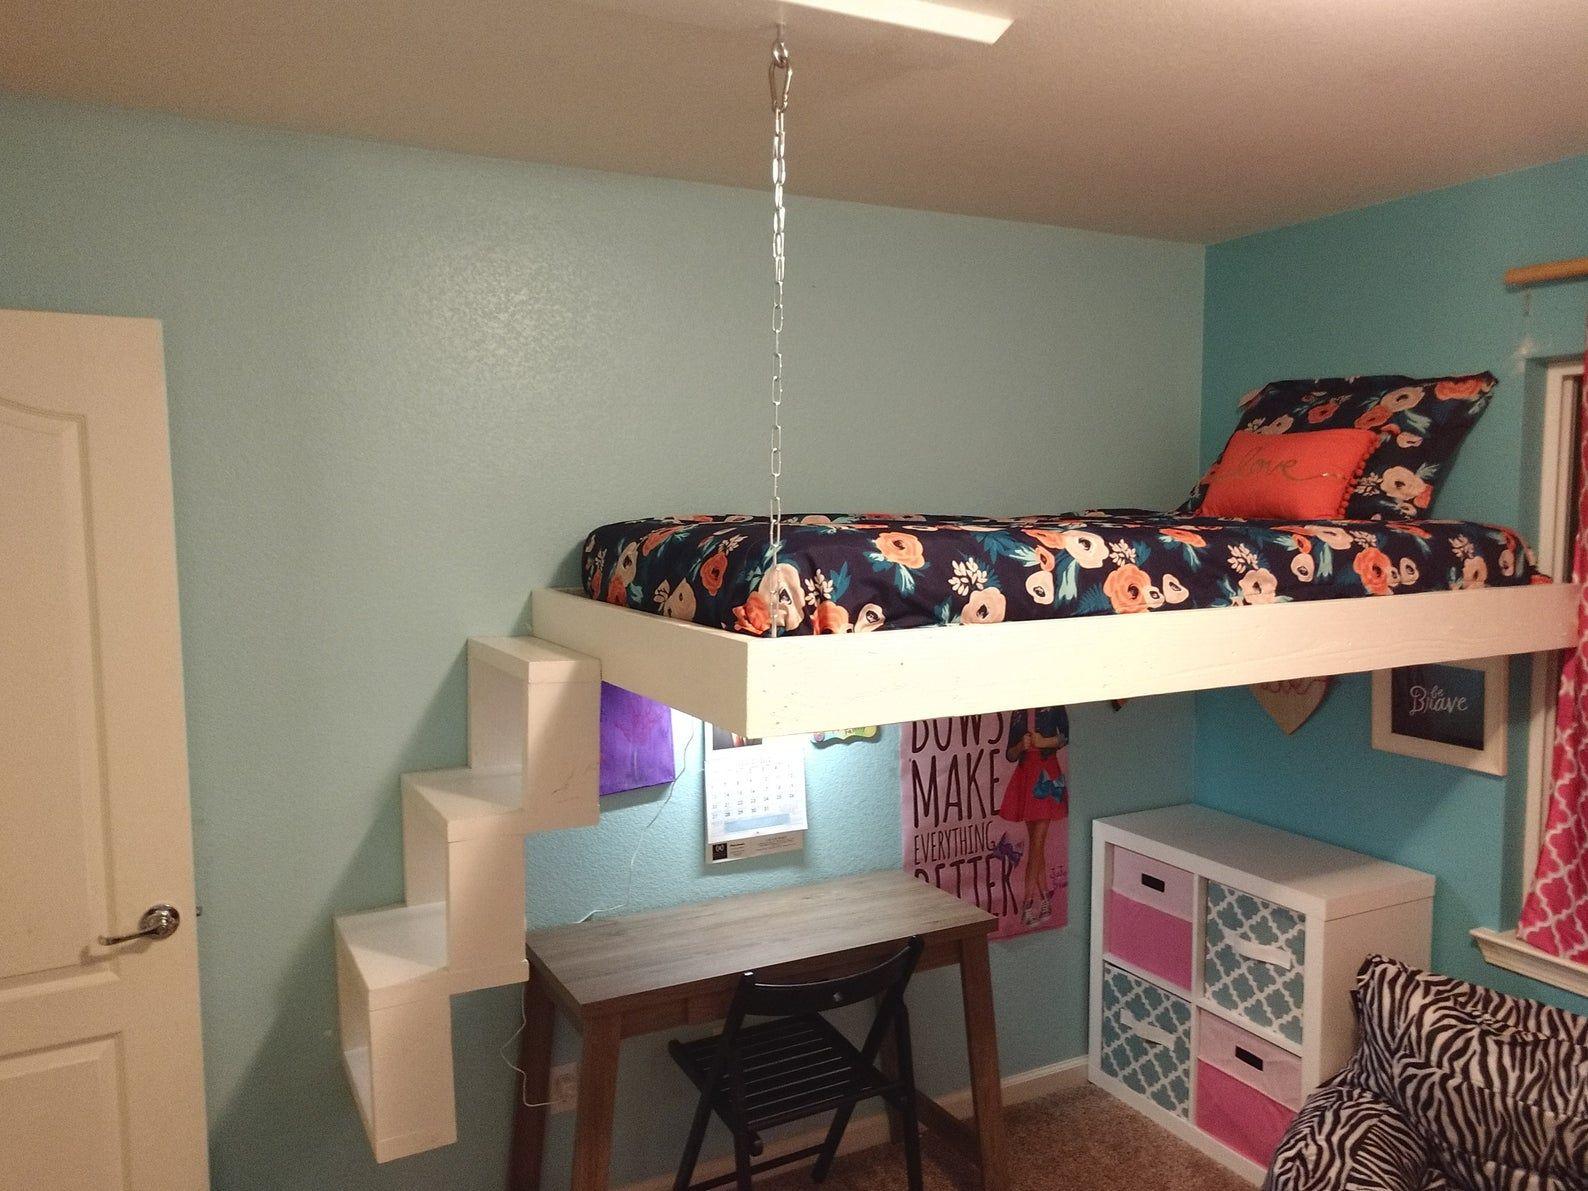 Floating Bed Frame in 2020 Floating bed frame, Loft bed